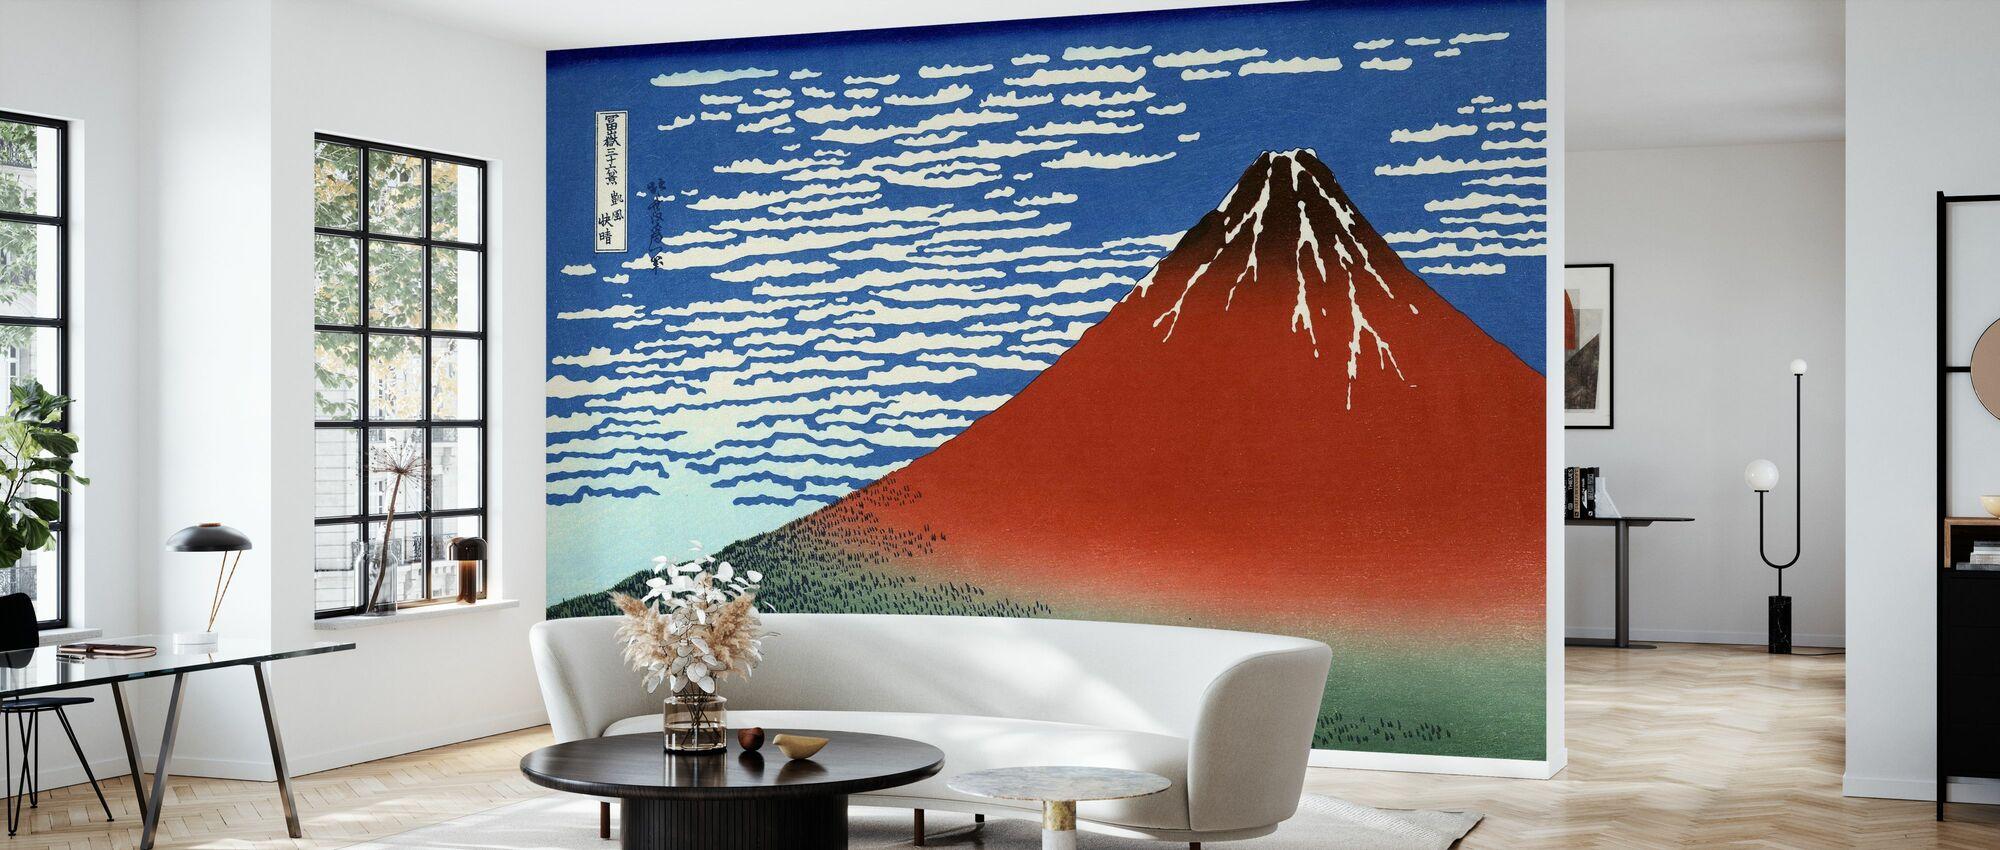 Red Fuji, Katsushika Hokusai - Wallpaper - Living Room